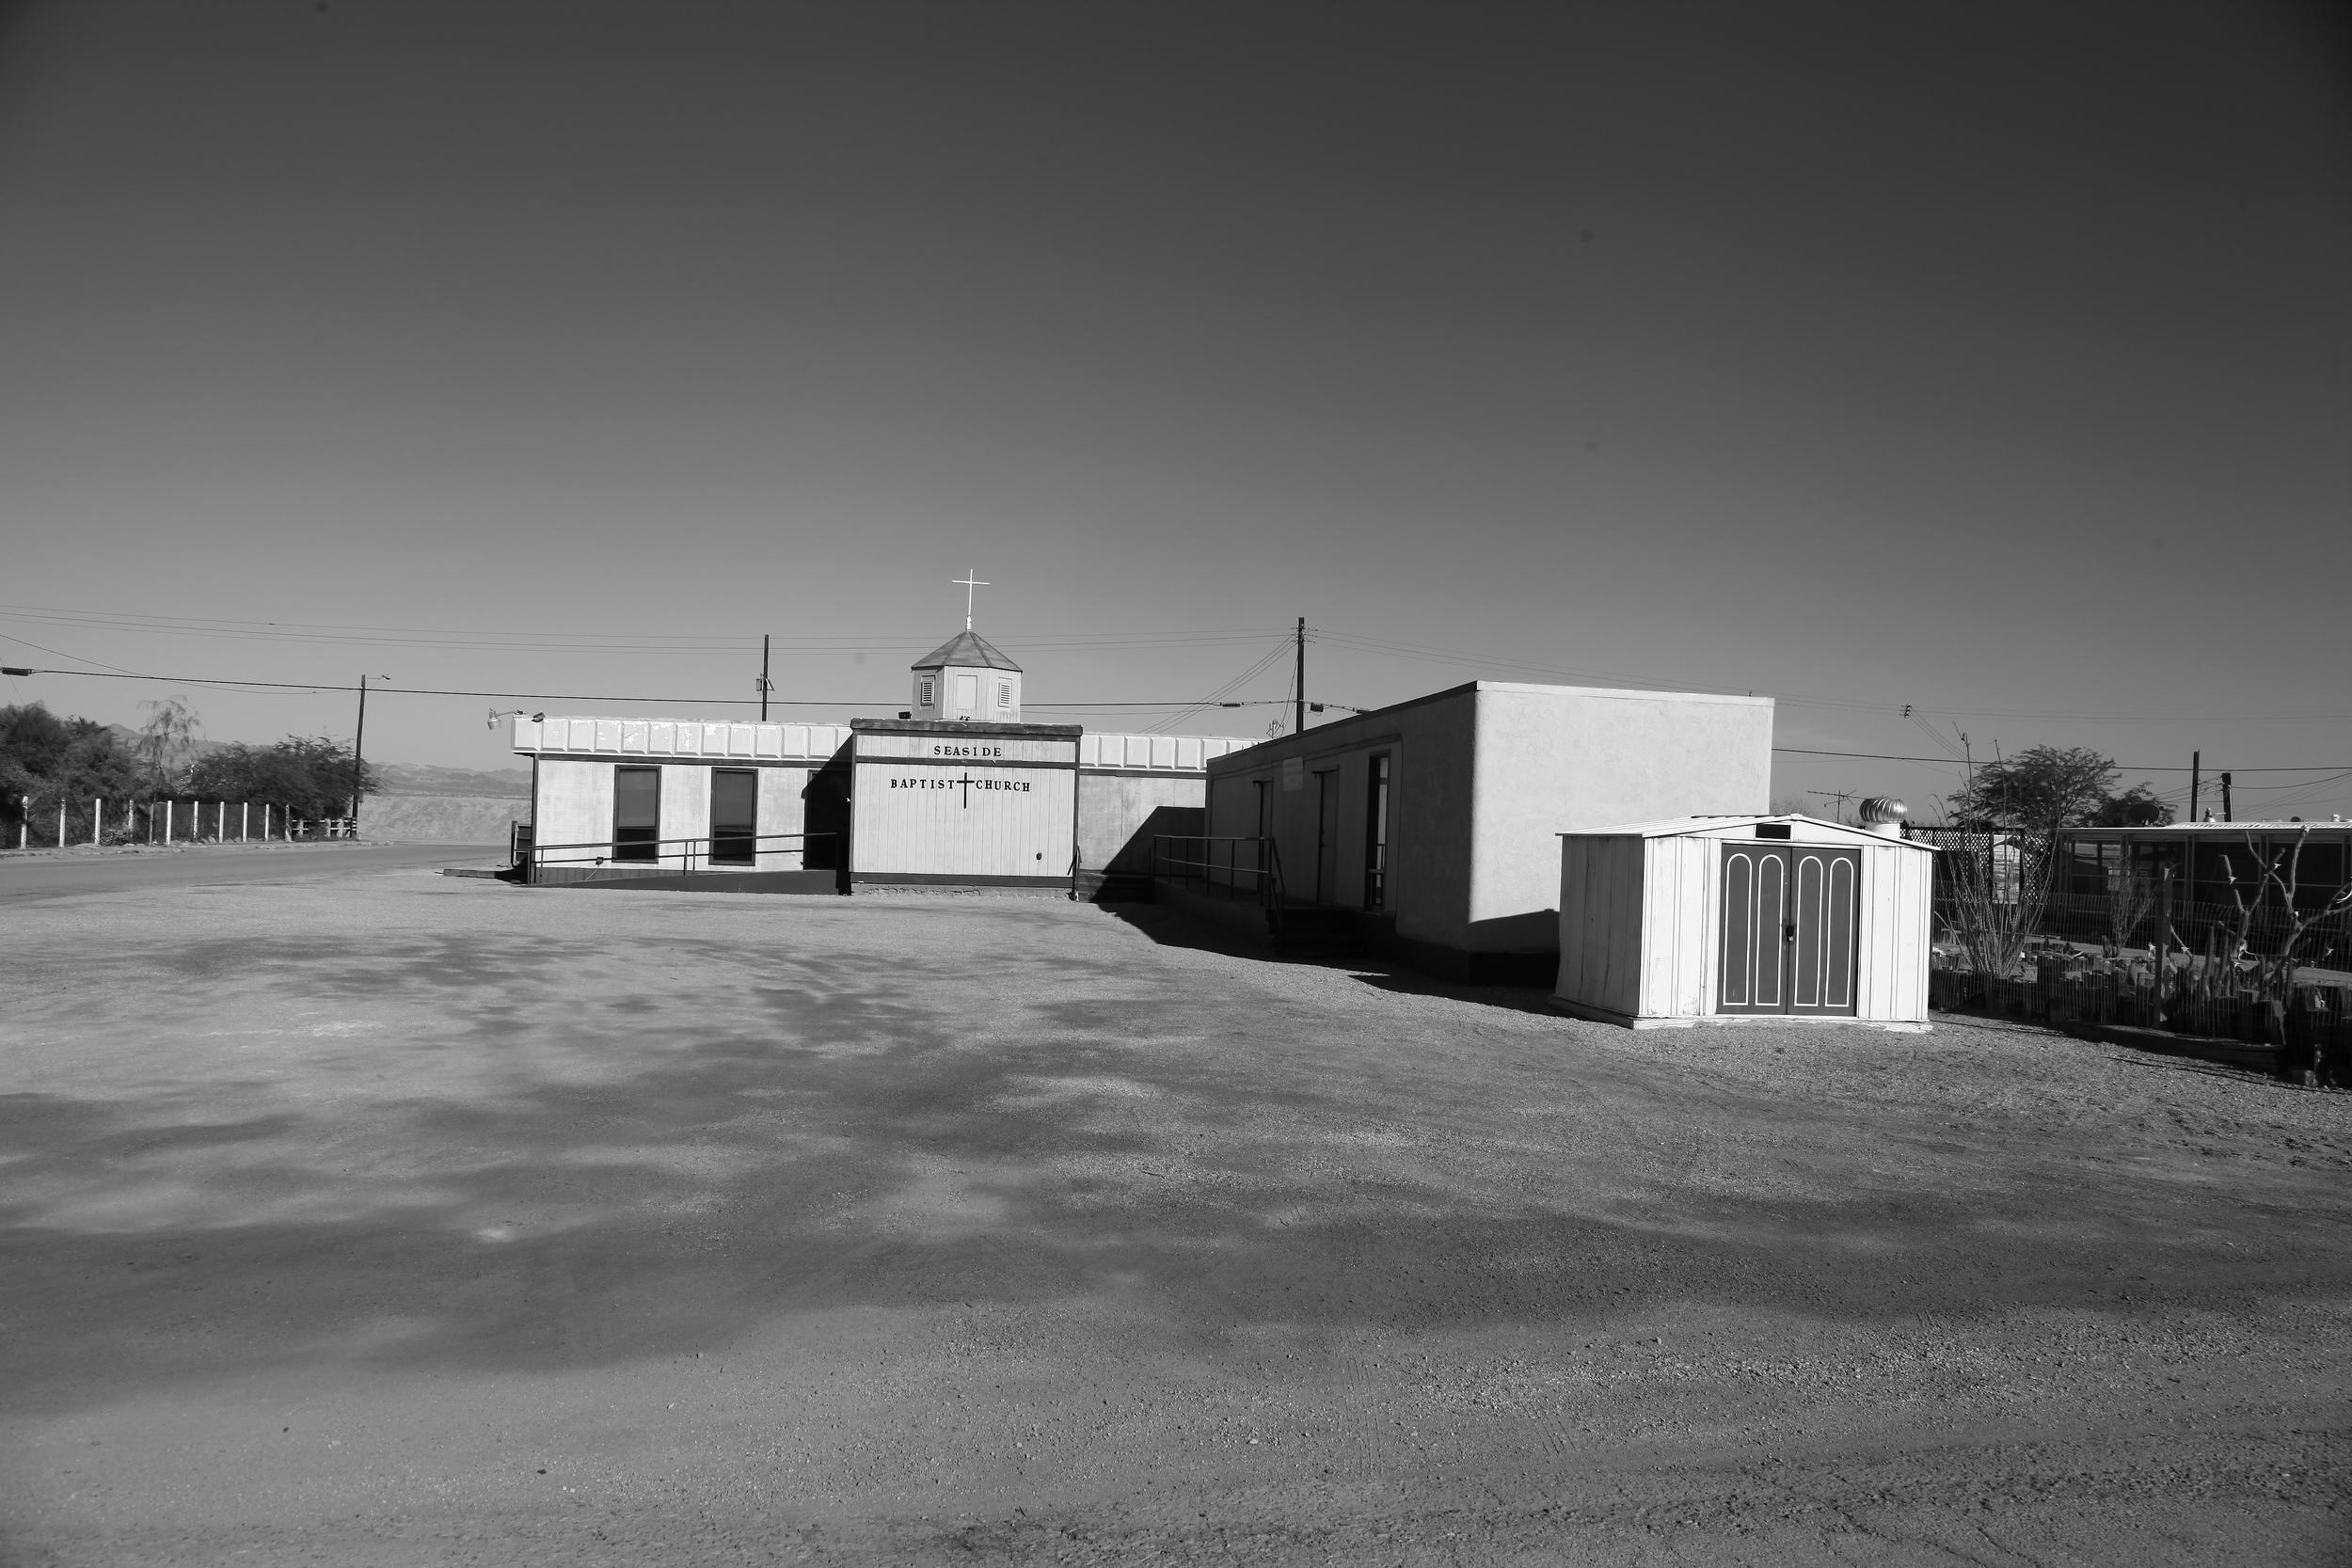 Salton_Sea_11.JPG